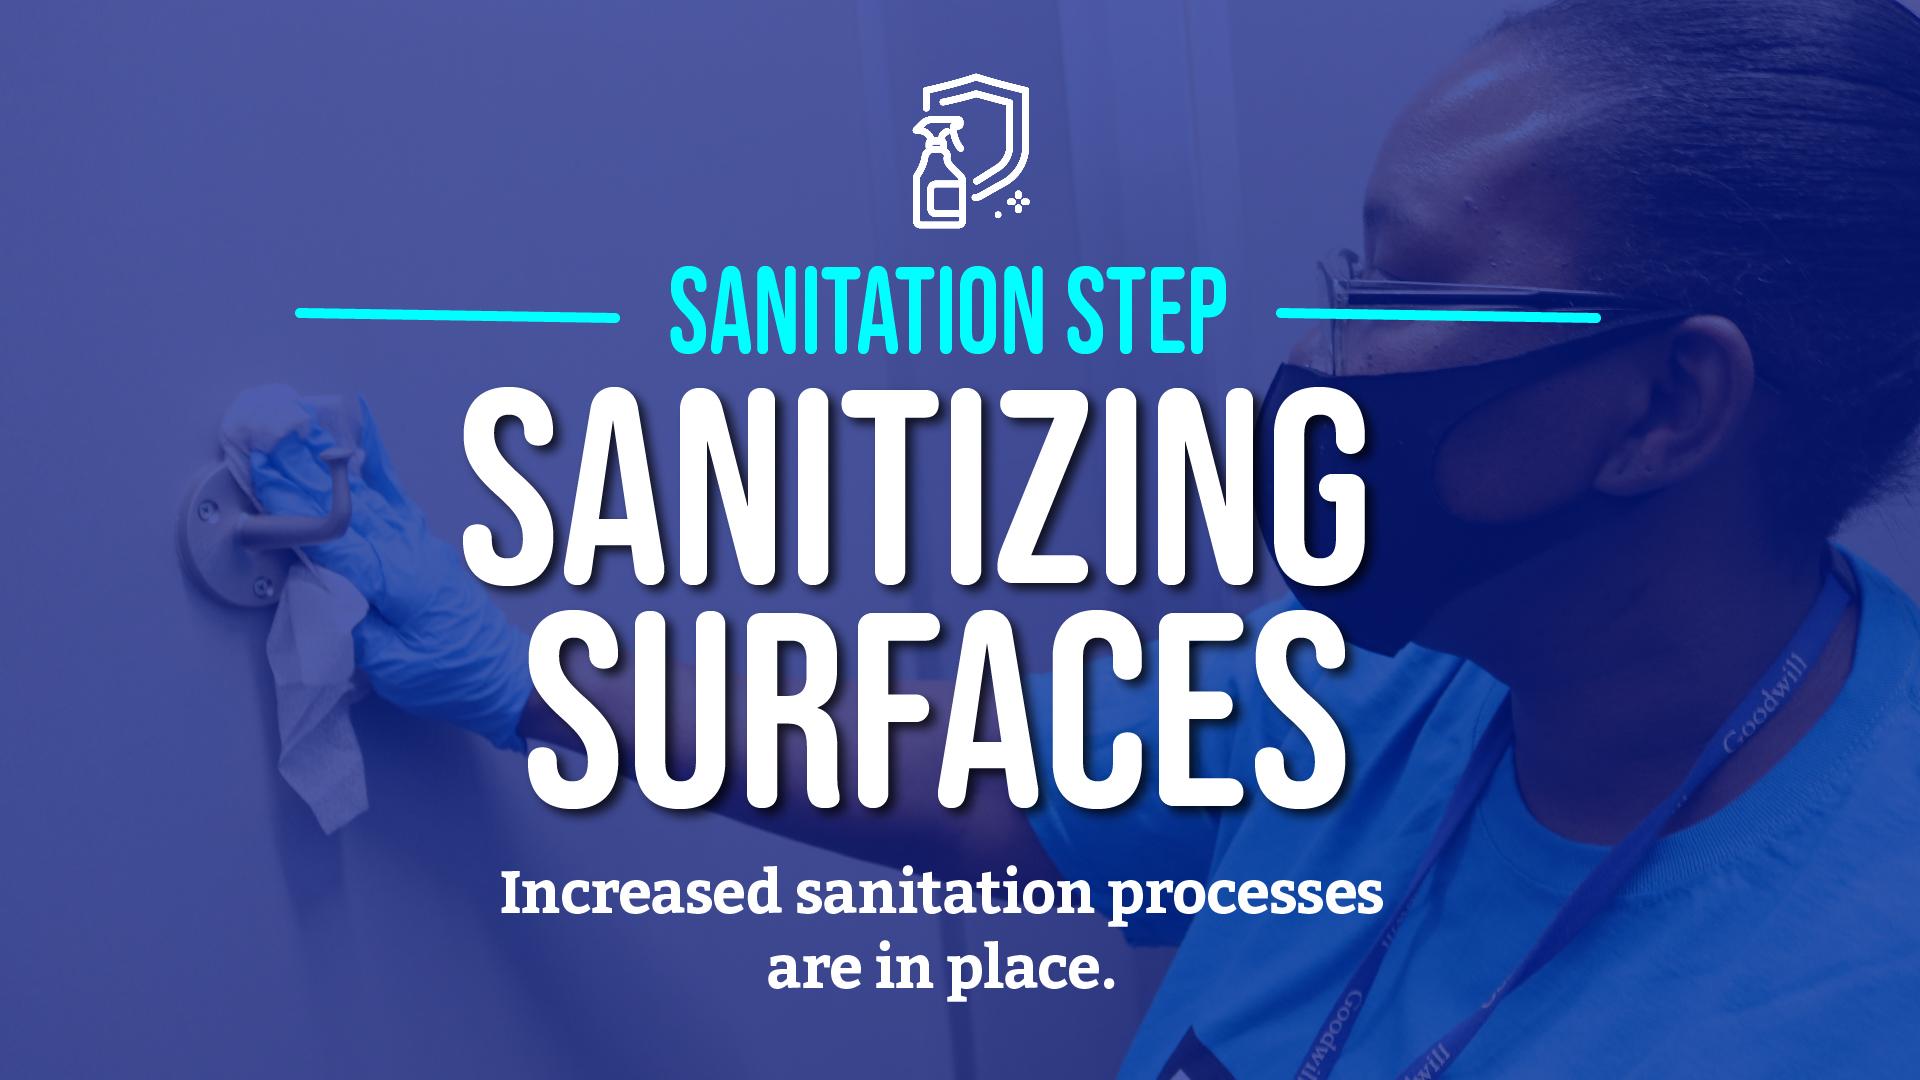 1920x1080-Sanitation-Step-2